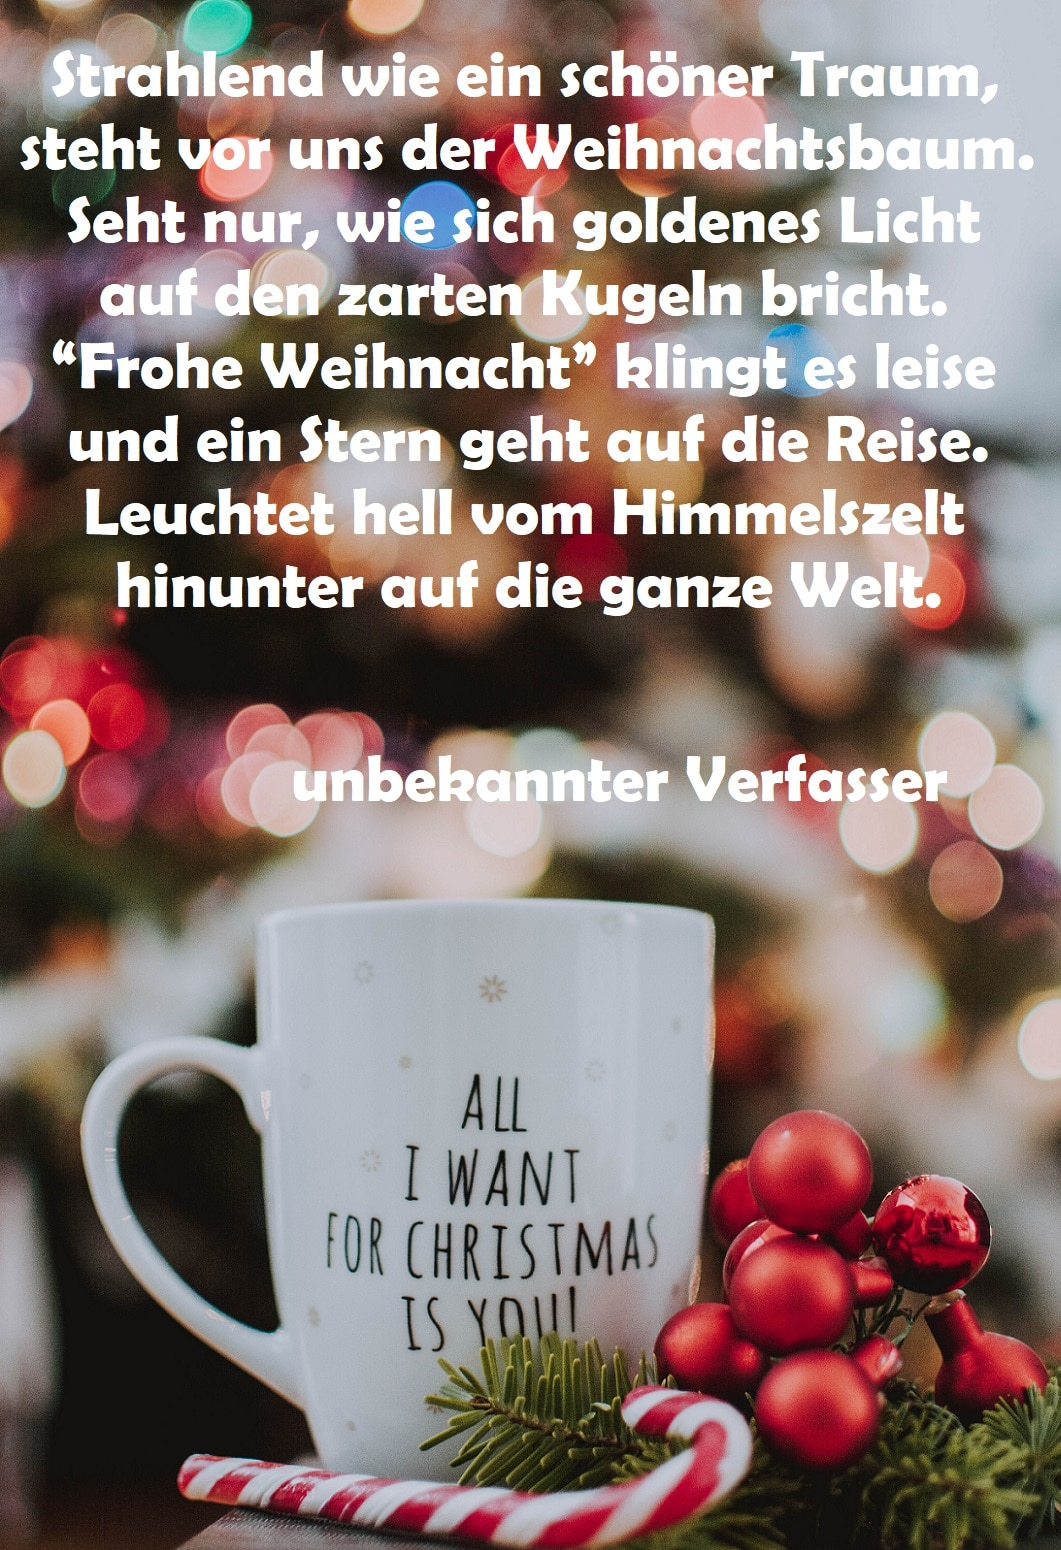 Weihnachtswünsche Bild 3